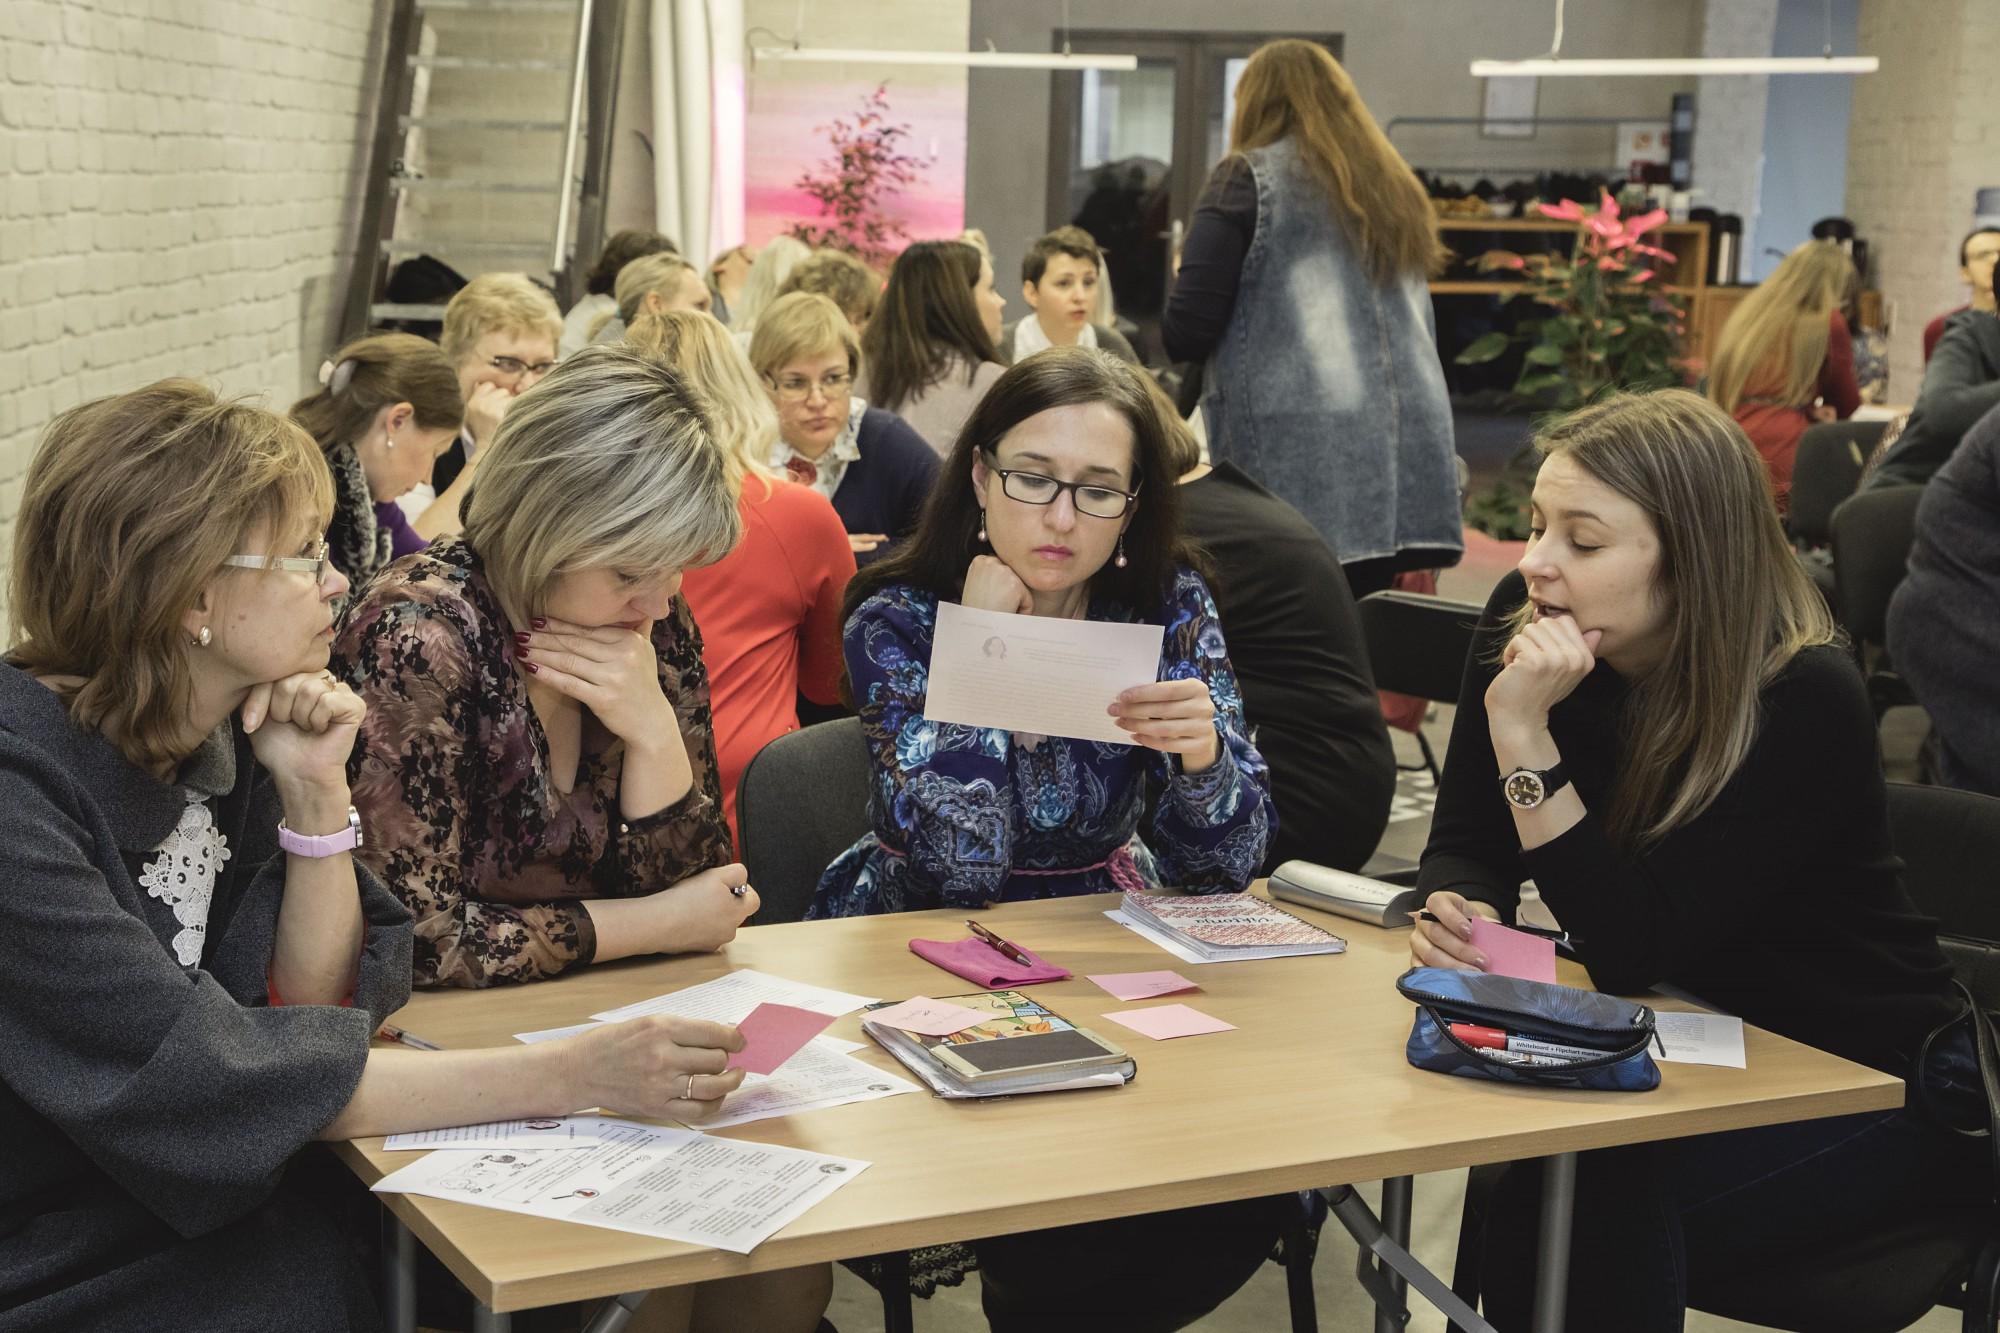 Liepājas valodu jomas pedagogi pilnveido savas zināšanas